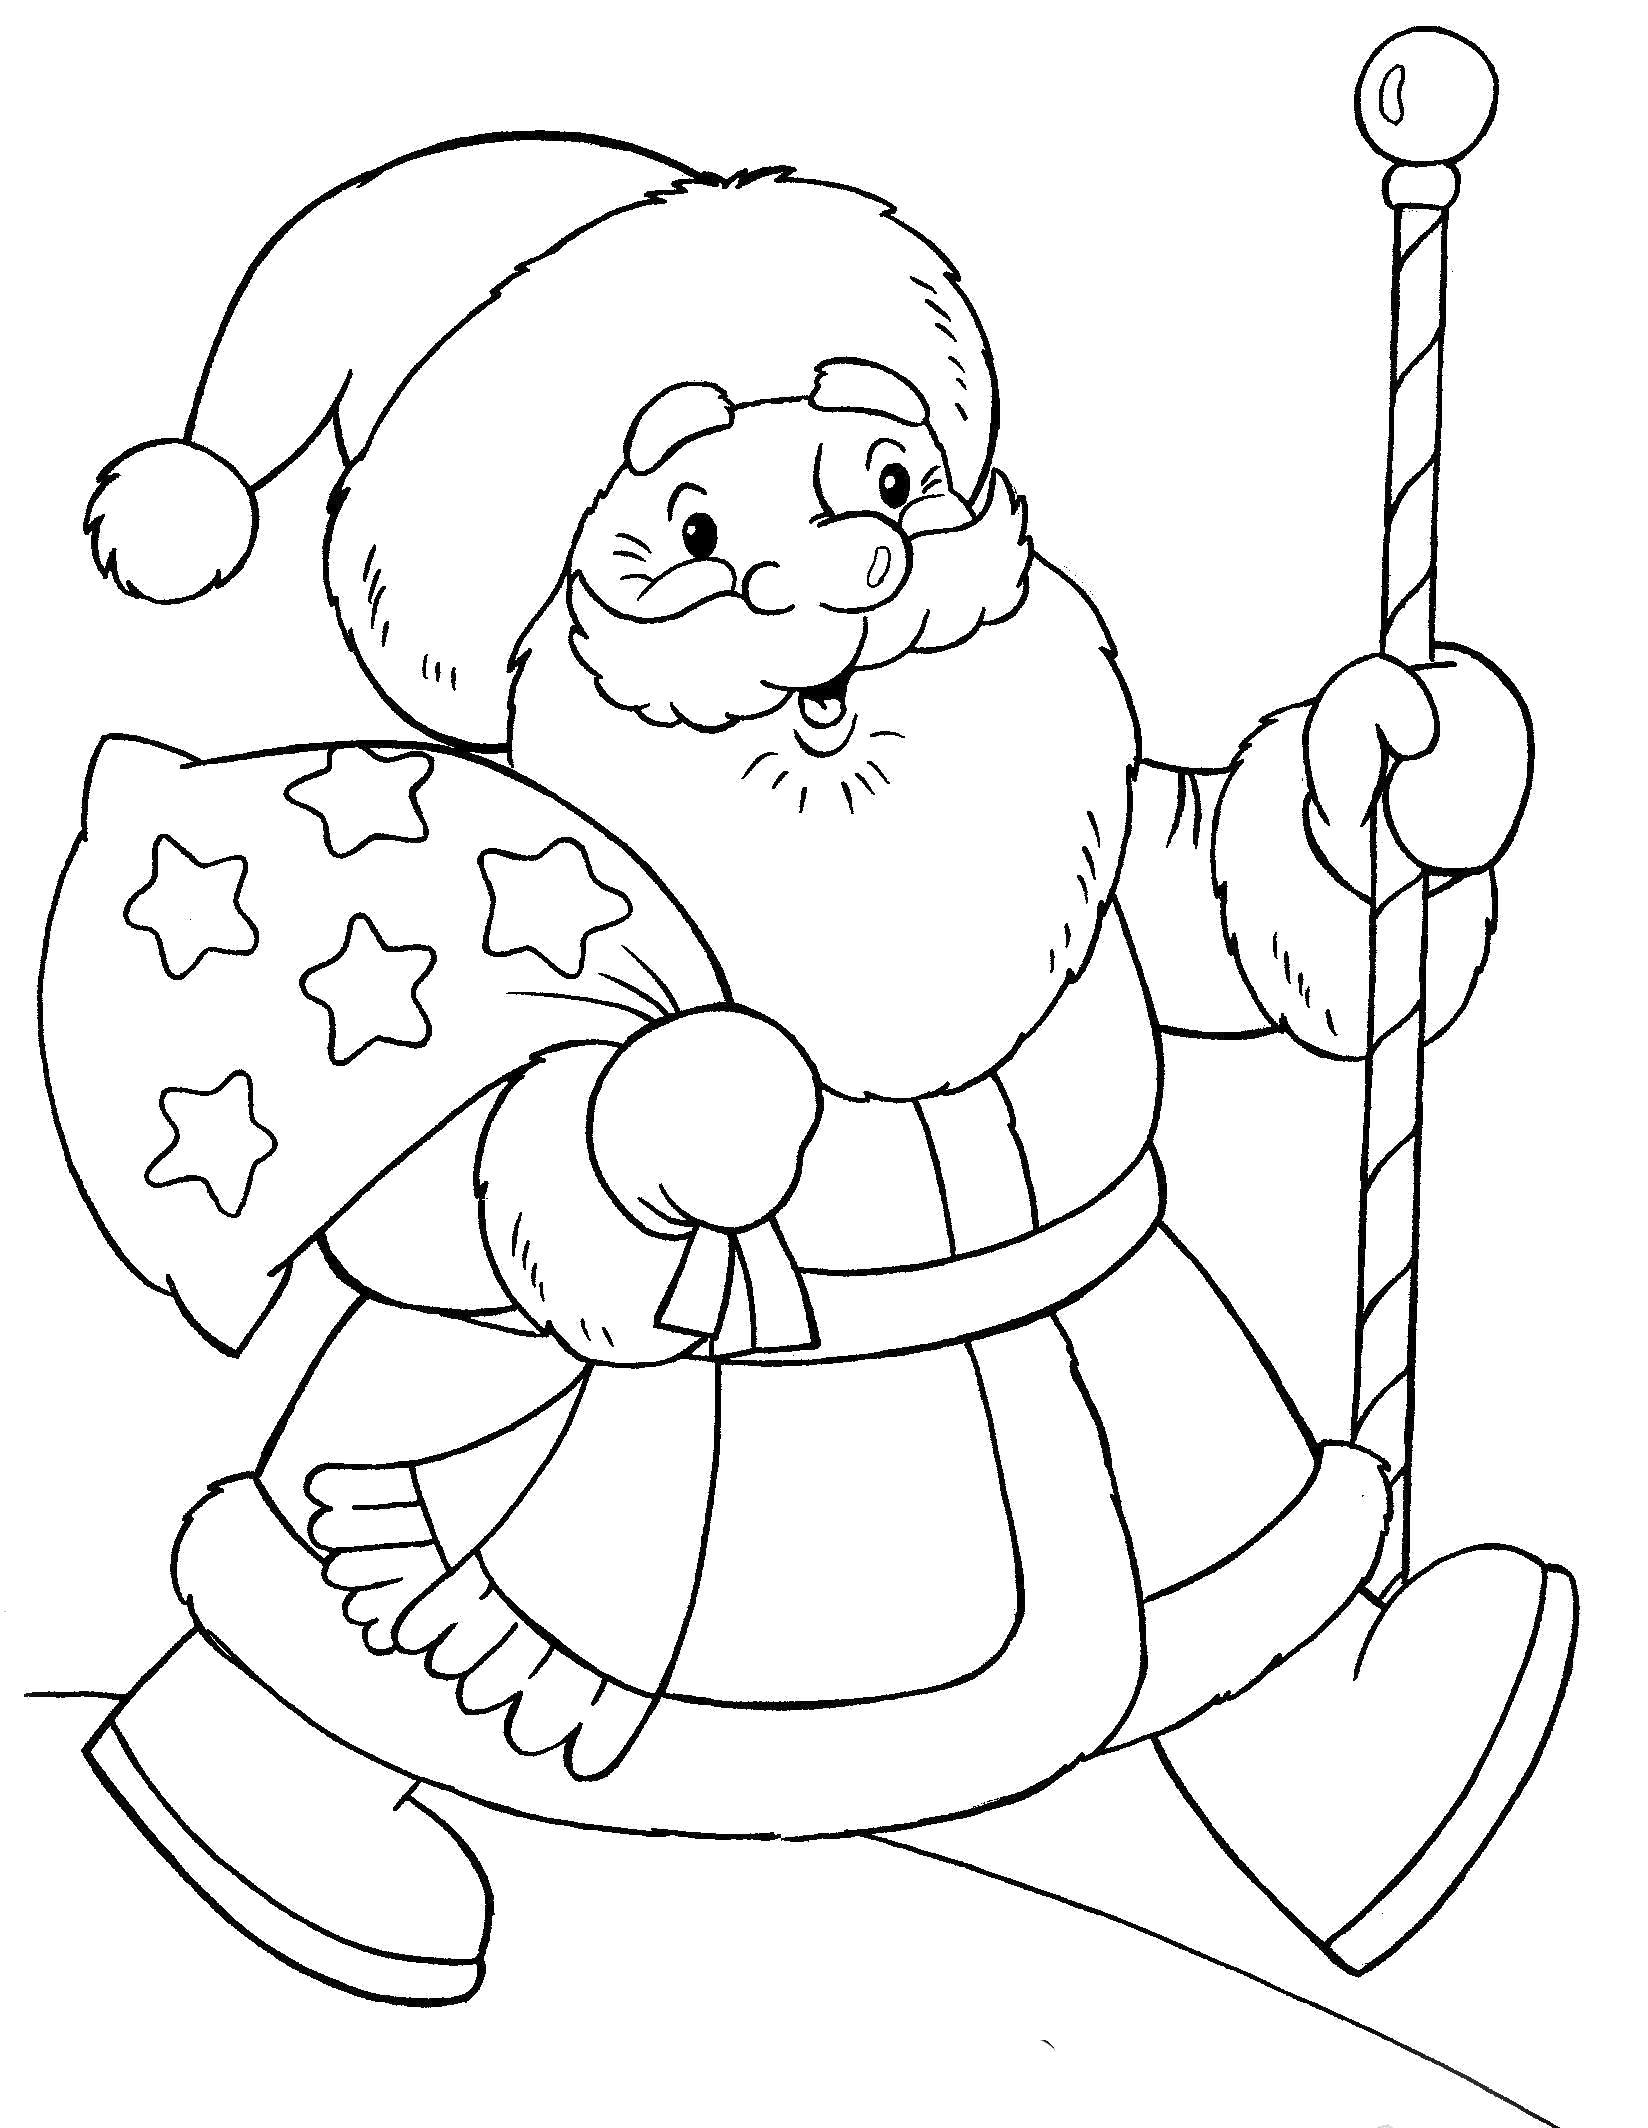 Раскраска Дед МОроз бежит с мешком подарков. Скачать дед мороз с подарками.  Распечатать Дед мороз